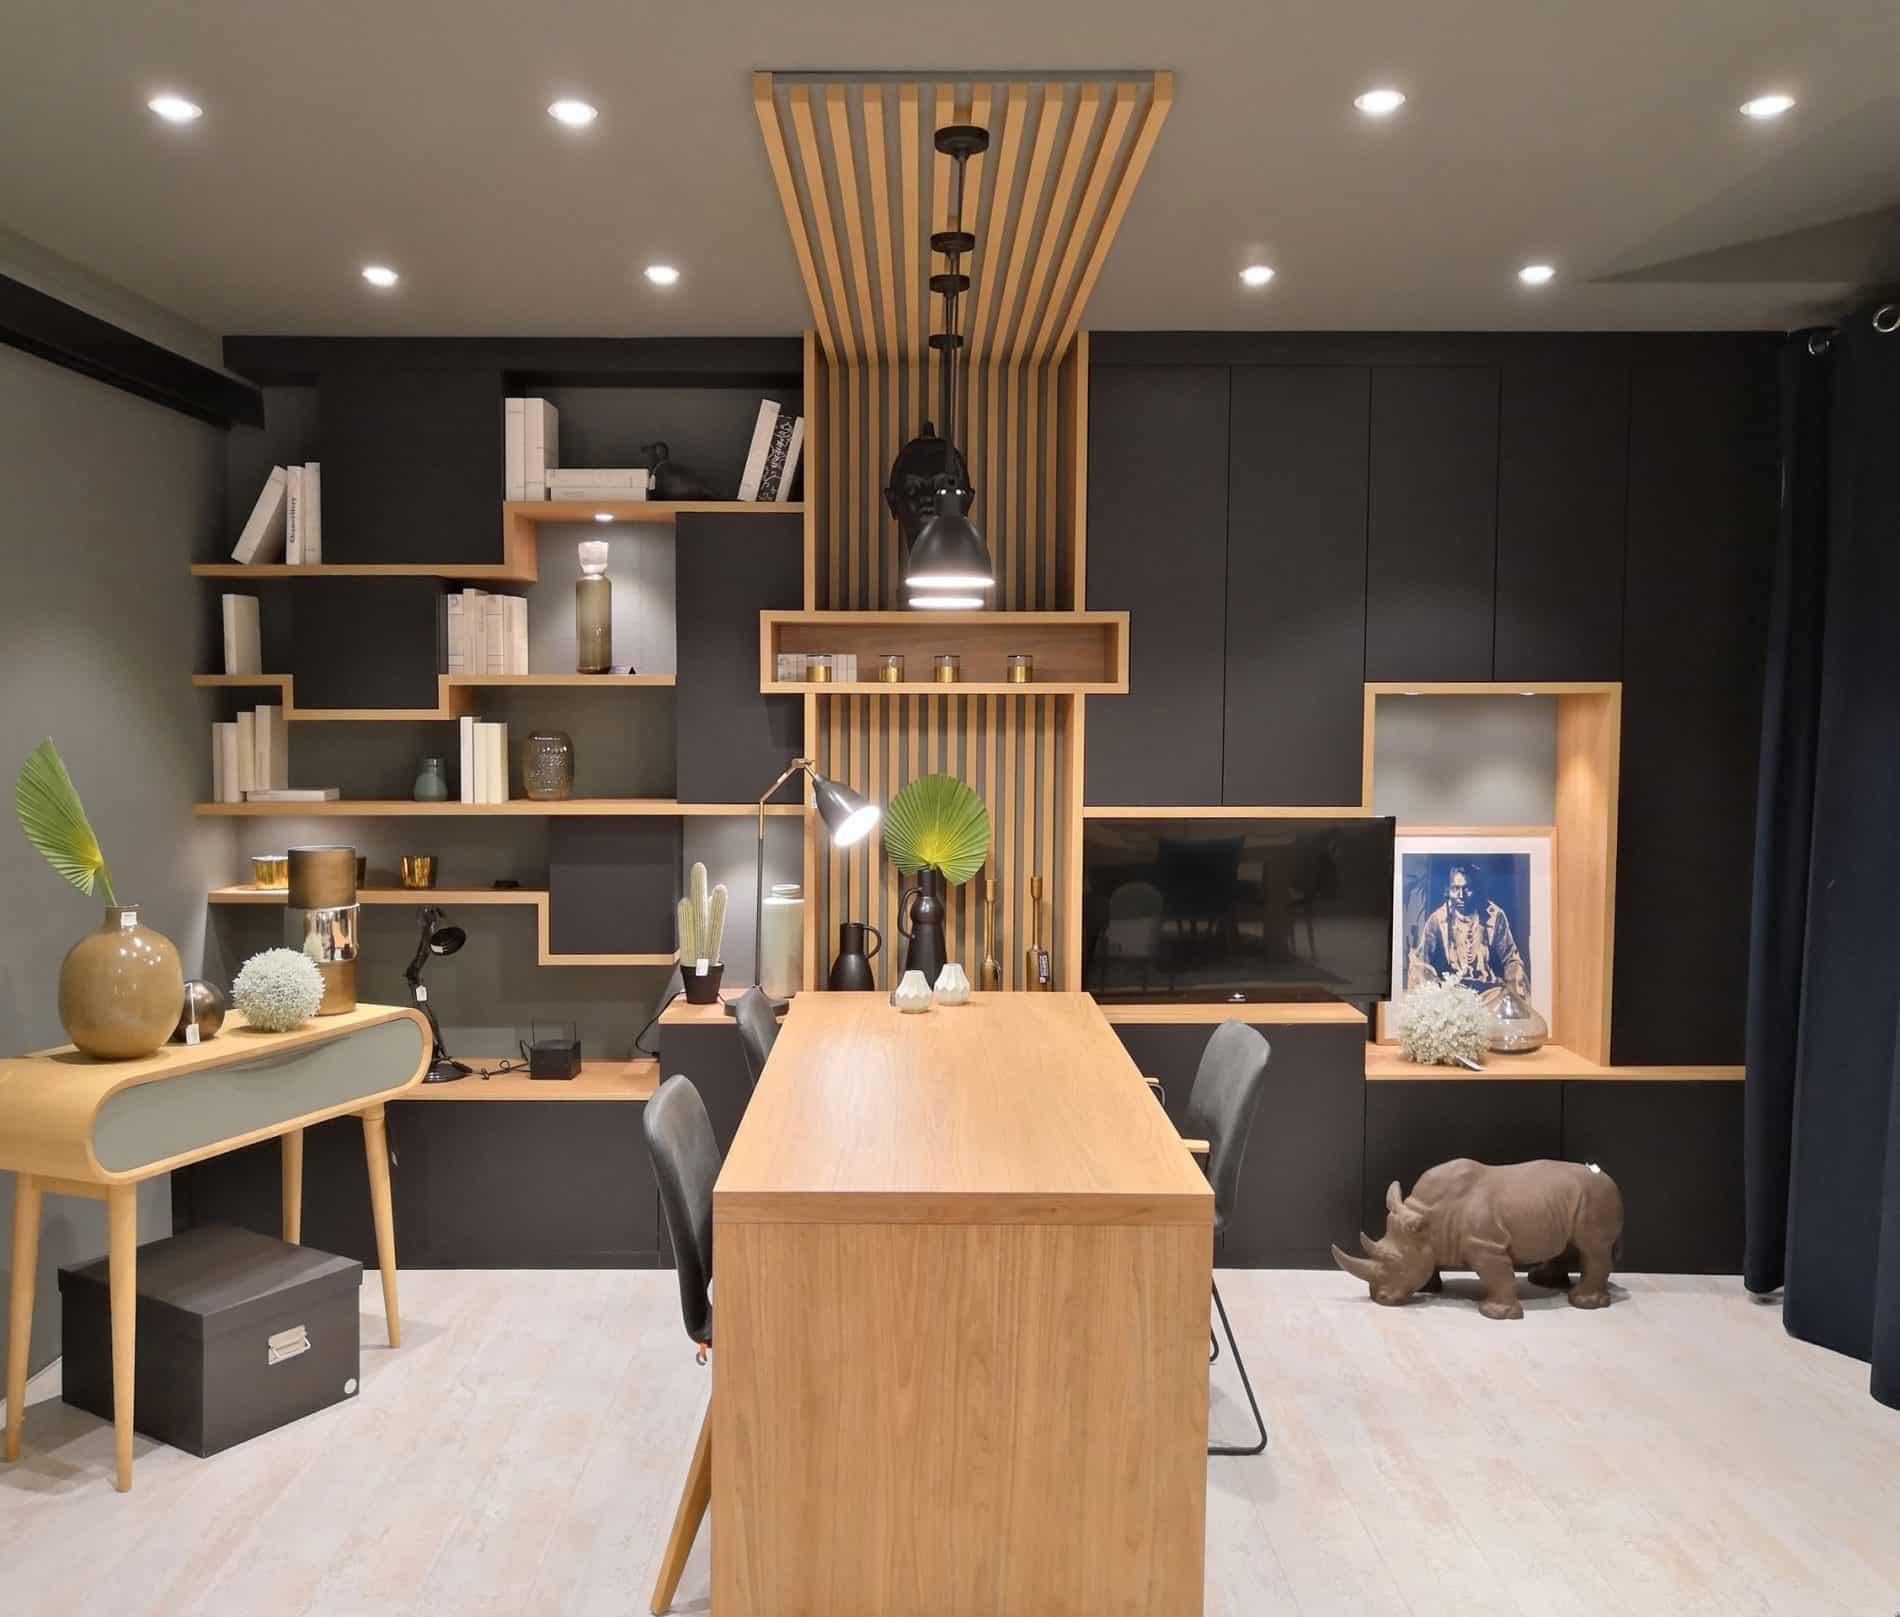 d coration tasseaux utiles et esth tiques compagnie des ateliers. Black Bedroom Furniture Sets. Home Design Ideas